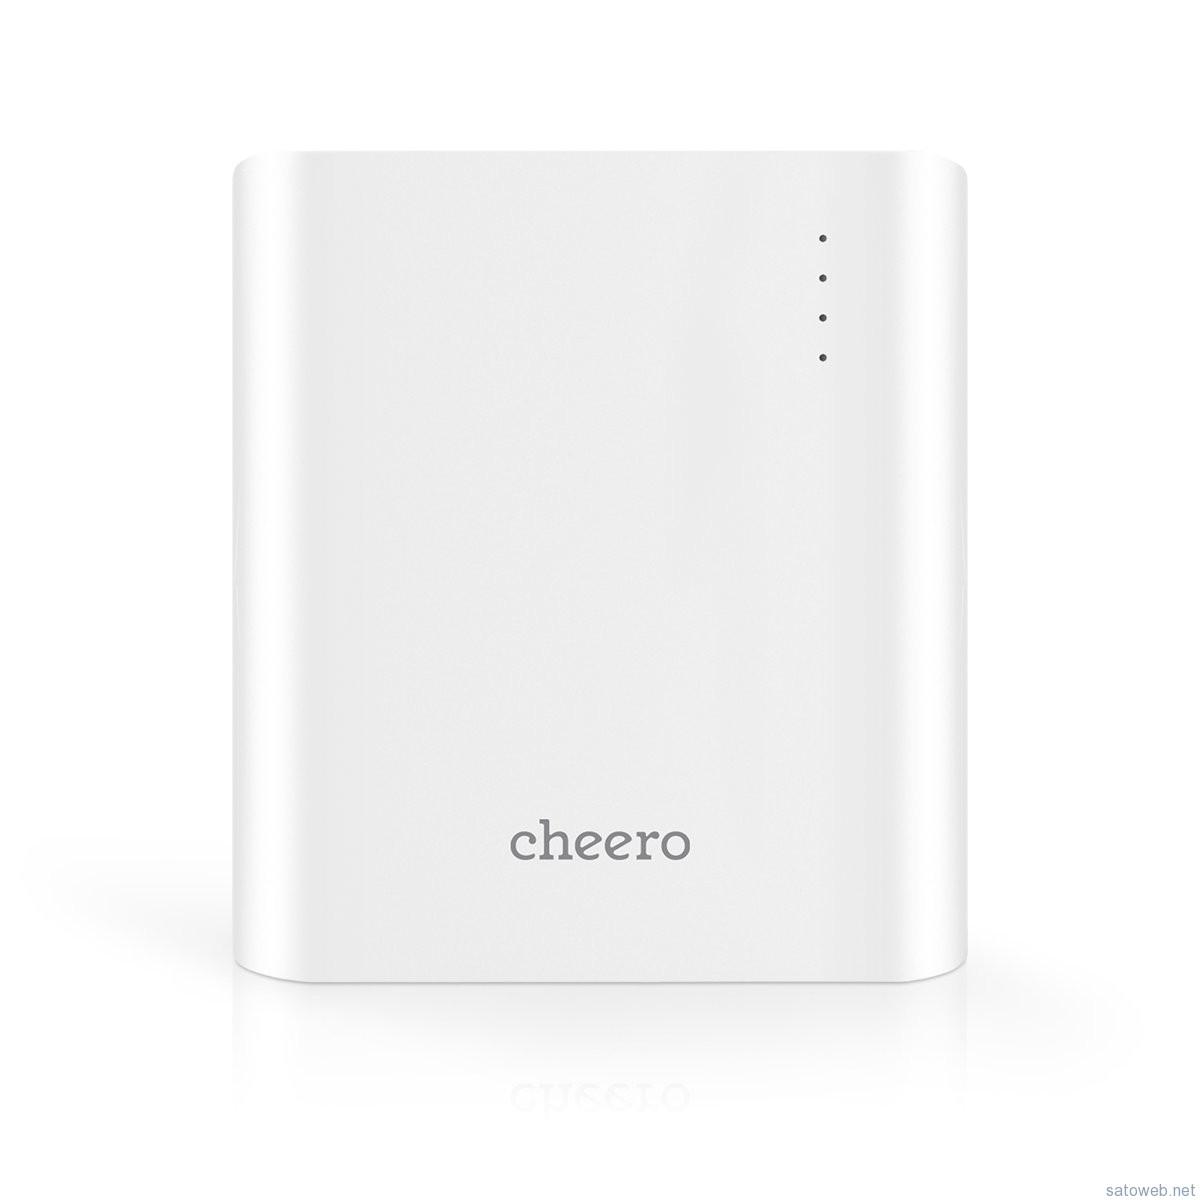 cheero Power Plus 3 13400mAh 大容量 モバイルバッテリーがAmazonにて値下がり。 2980円に